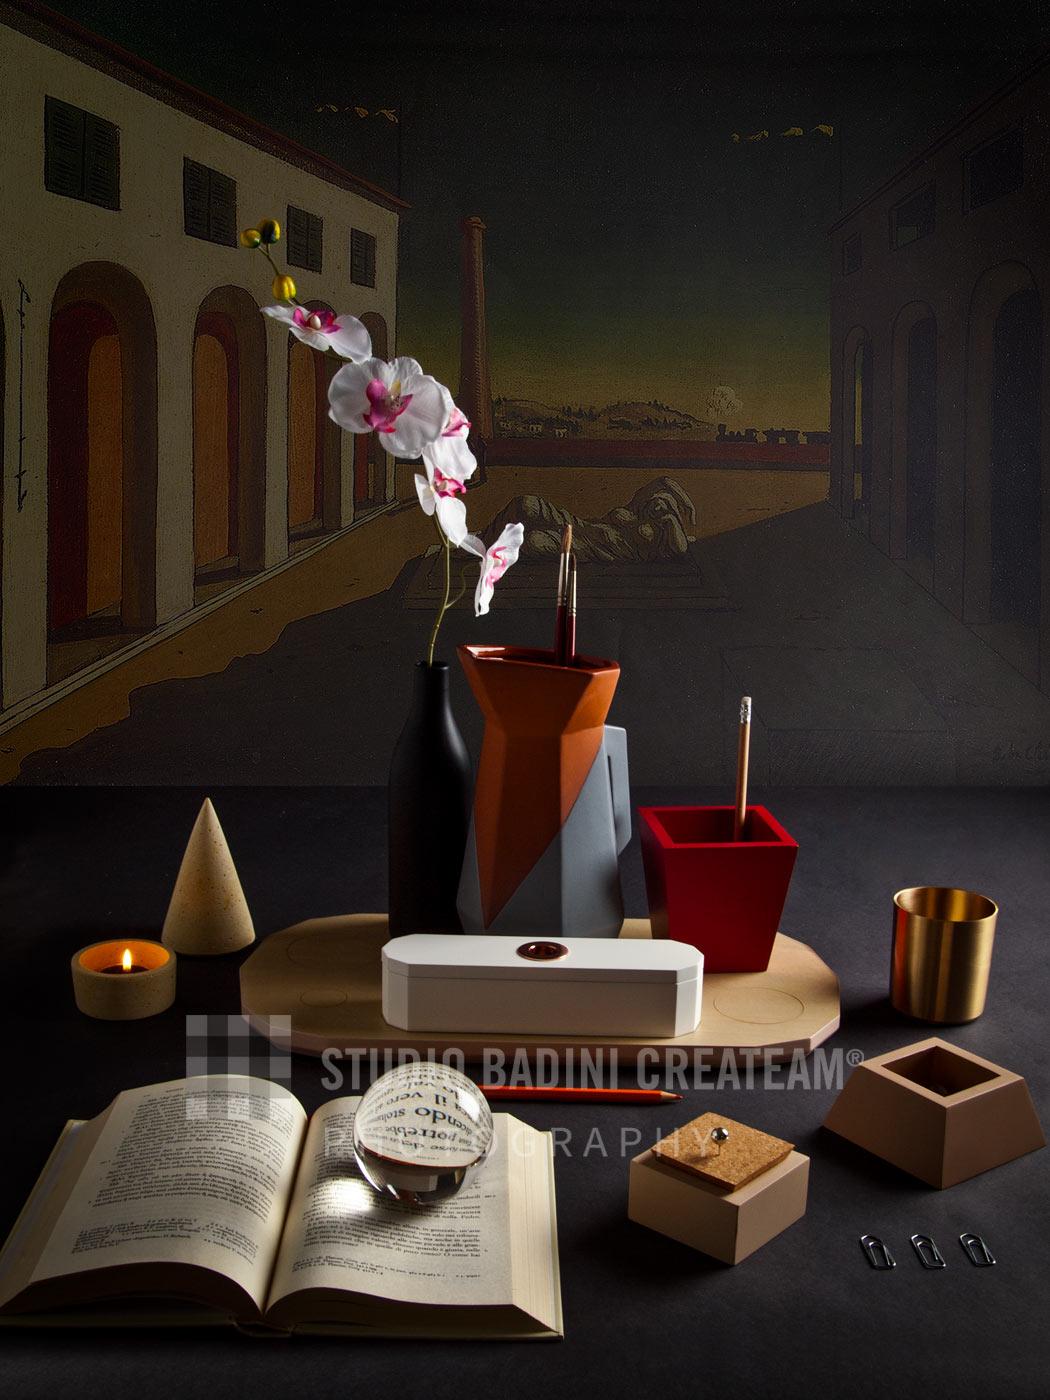 Badini Creative Studio - fotografia - seletti - still alive